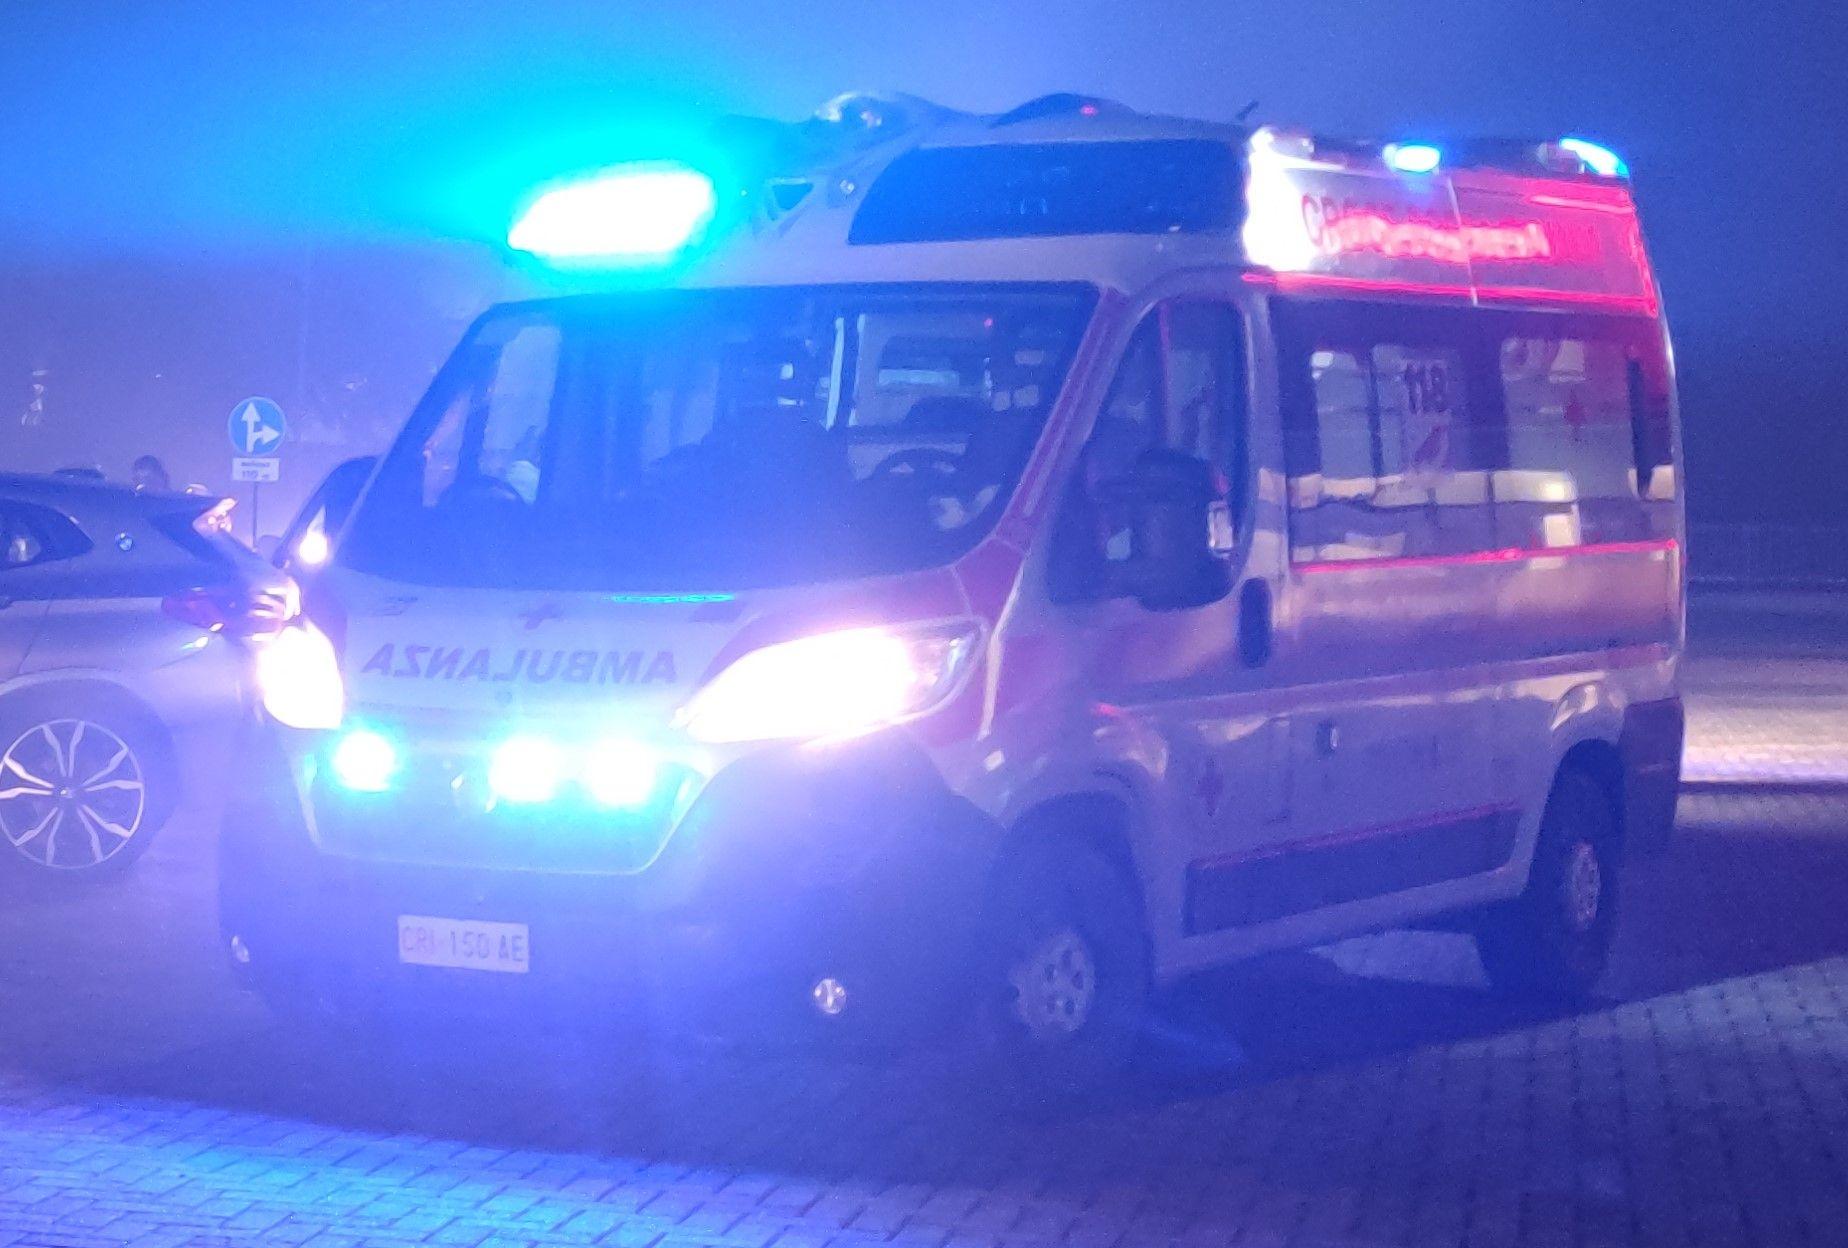 TORINO SUD - Niente ospedale unico: si torna a parlare di Cambiano per il futuro polo sanitario